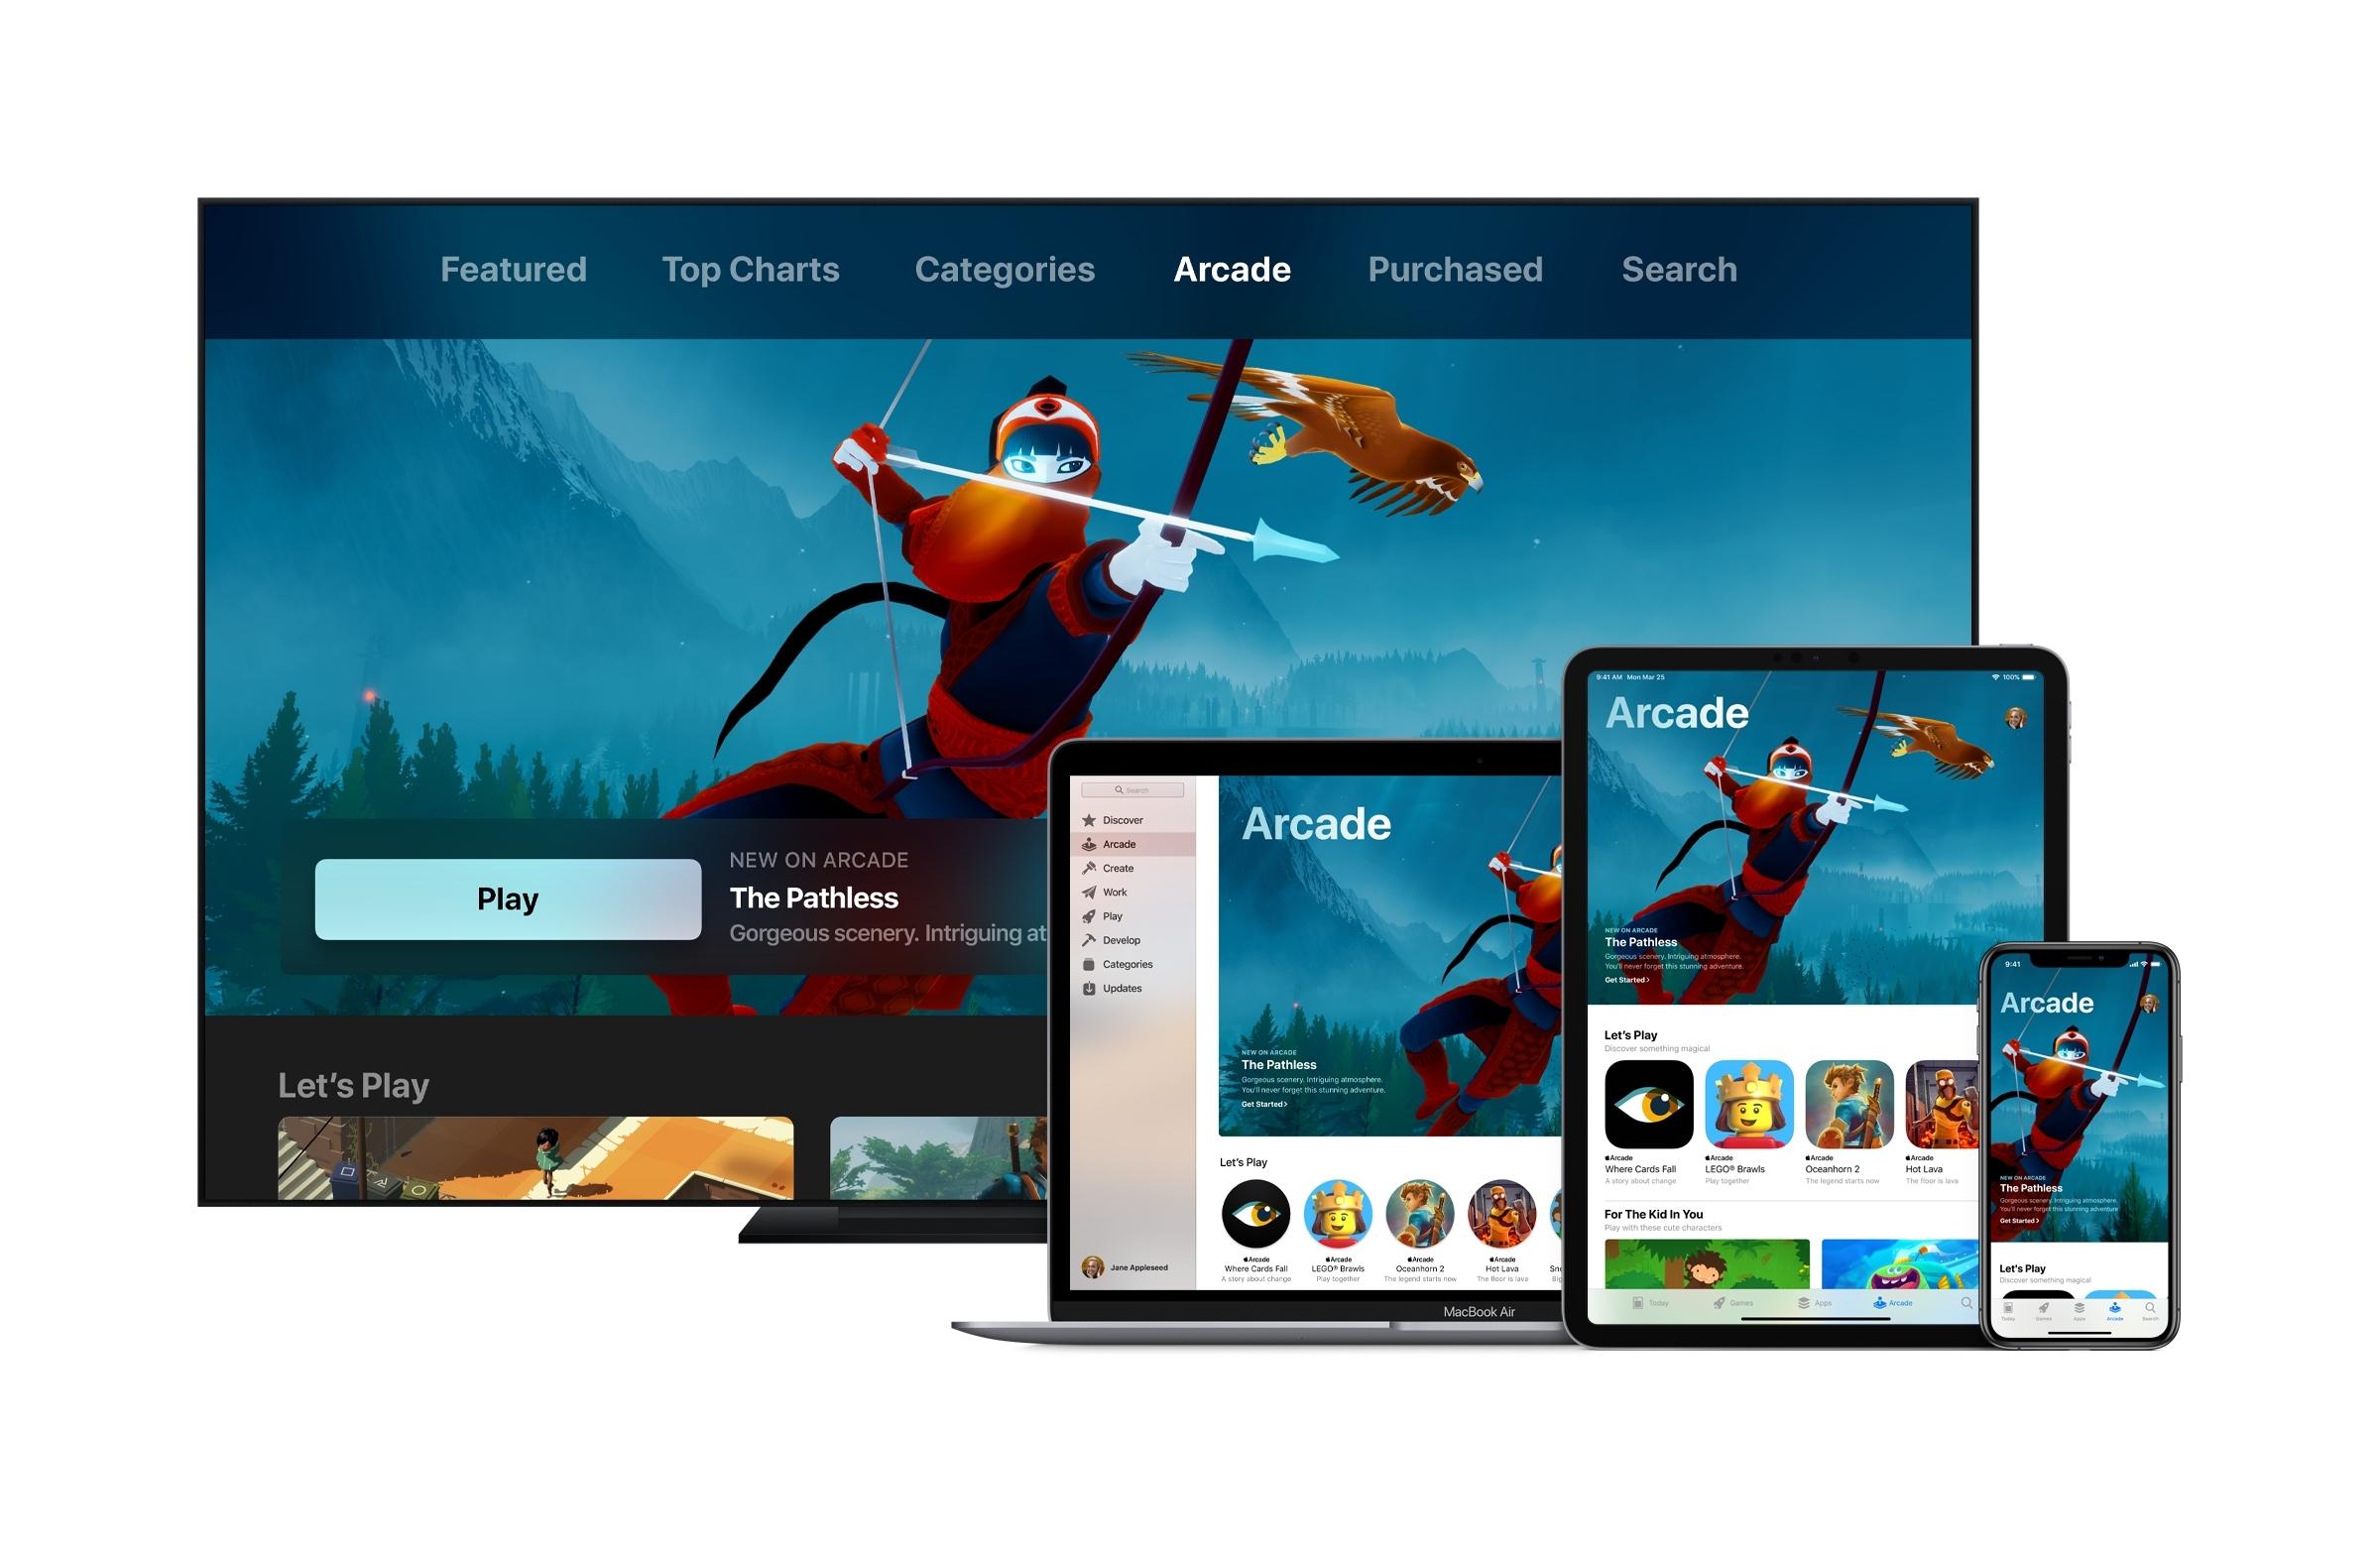 conoce-apple-arcade-un-servicio-de-suscripcion-de-juegos-para-ios-y-mac-frikigamers.com